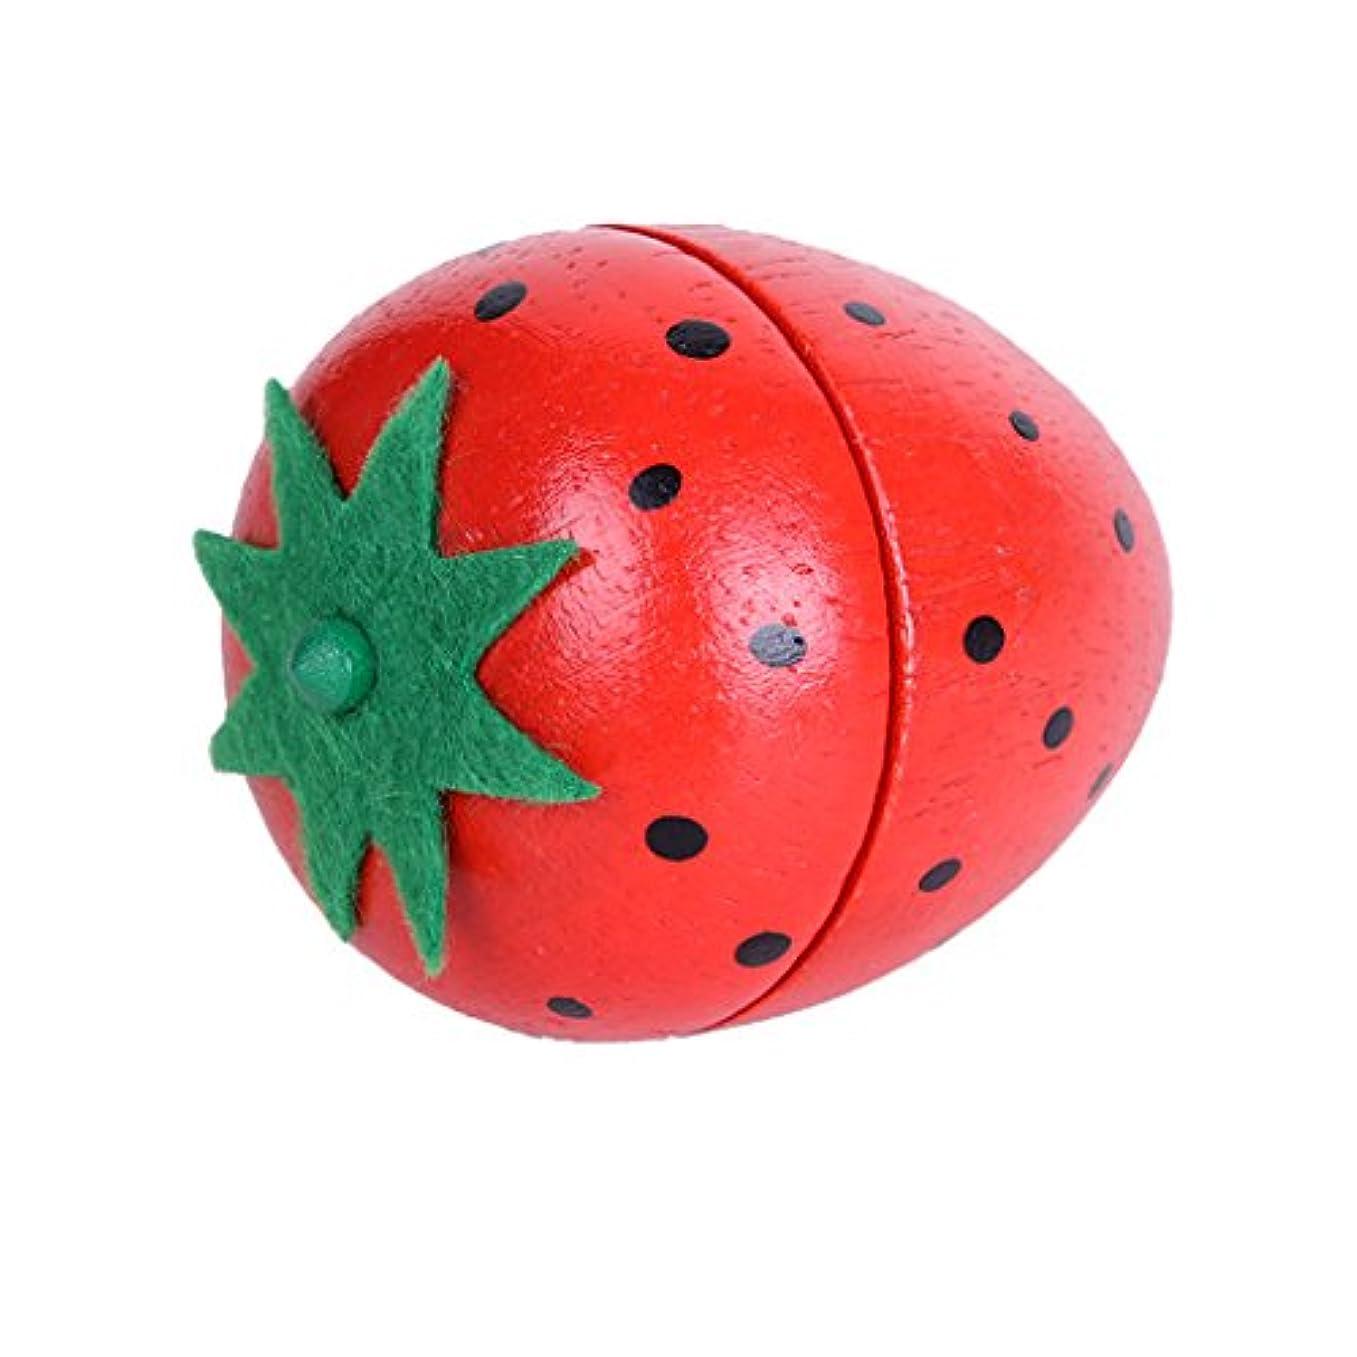 計算する旅財政食べ物モデル 磁気接続 子供 ごっこ遊び ふり遊び おもちゃ 全3パタン - イチゴ